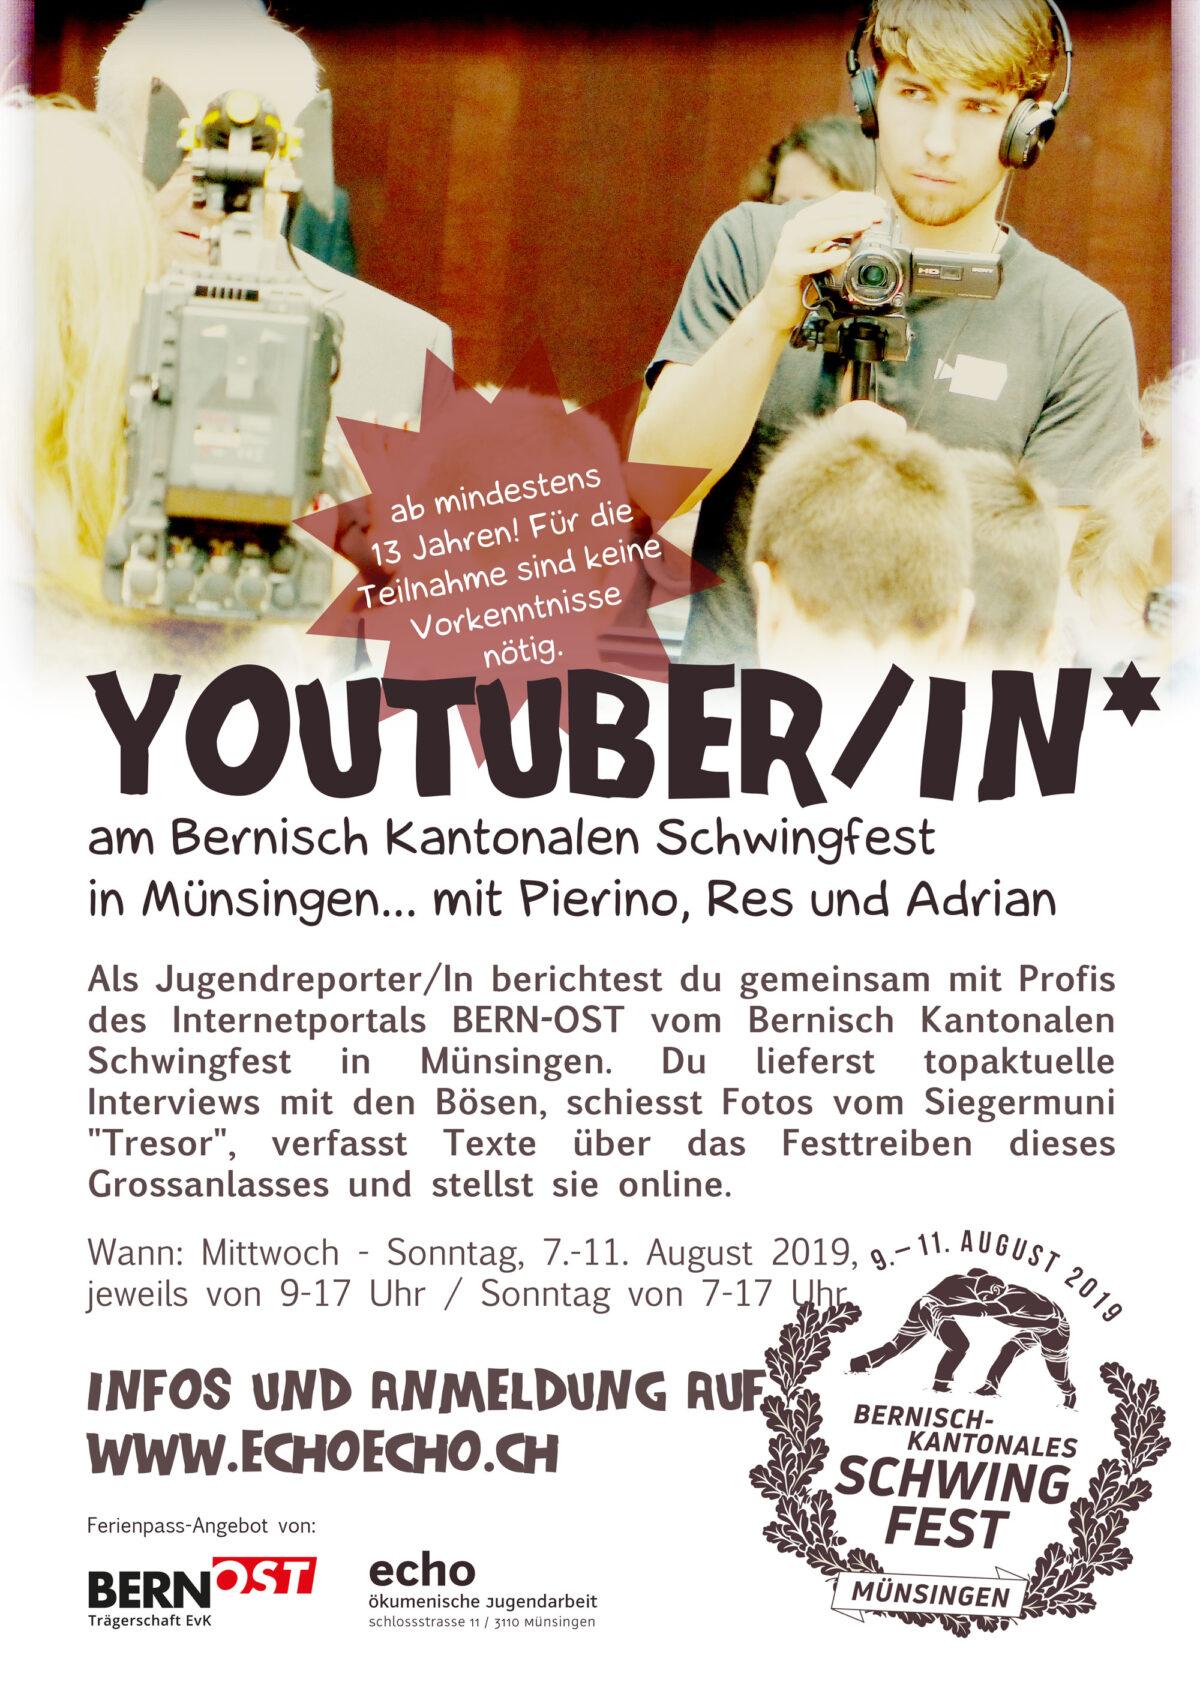 Jugendreporter am Bernisch Kantonalen Schwingfest in Münsingen